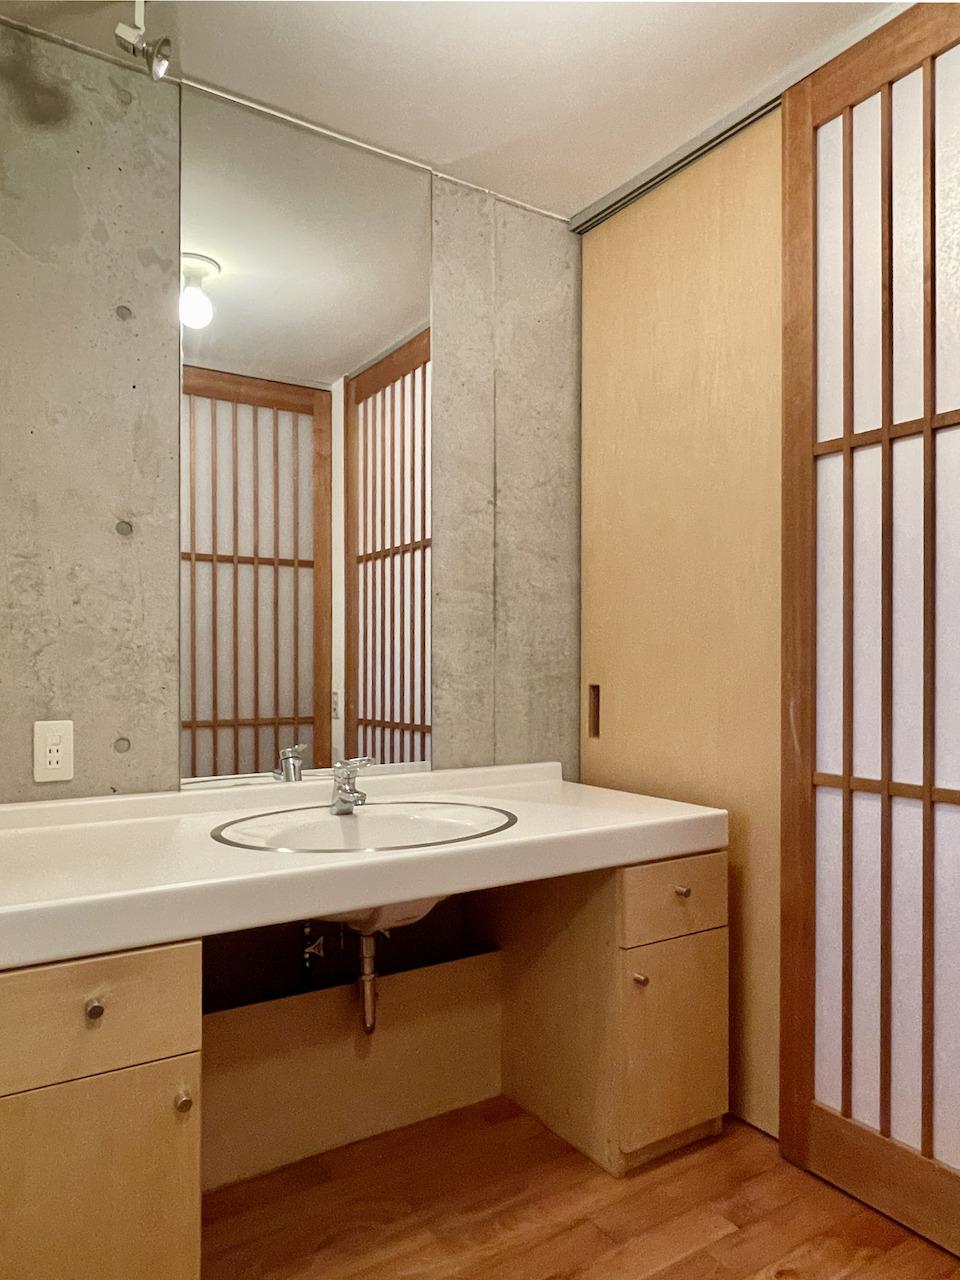 洗面所も旅館みたい。